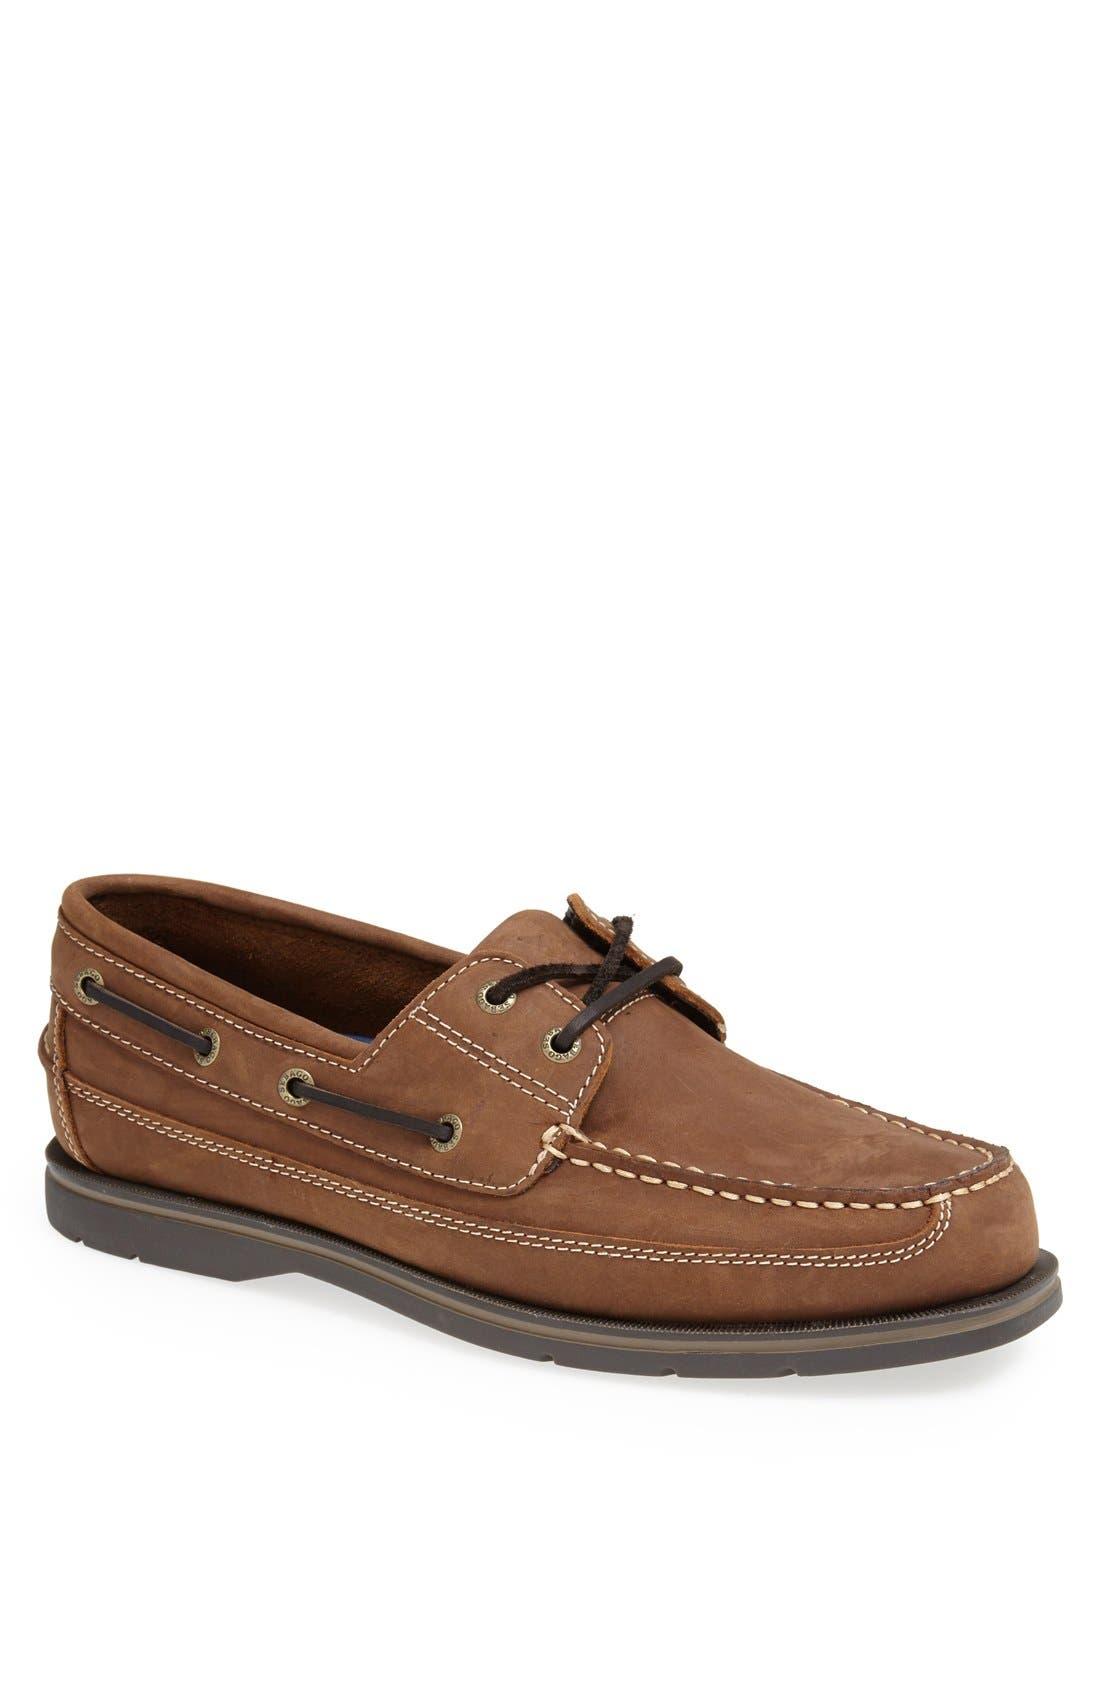 Alternate Image 1 Selected - Sebago 'Grinder' Boat Shoe